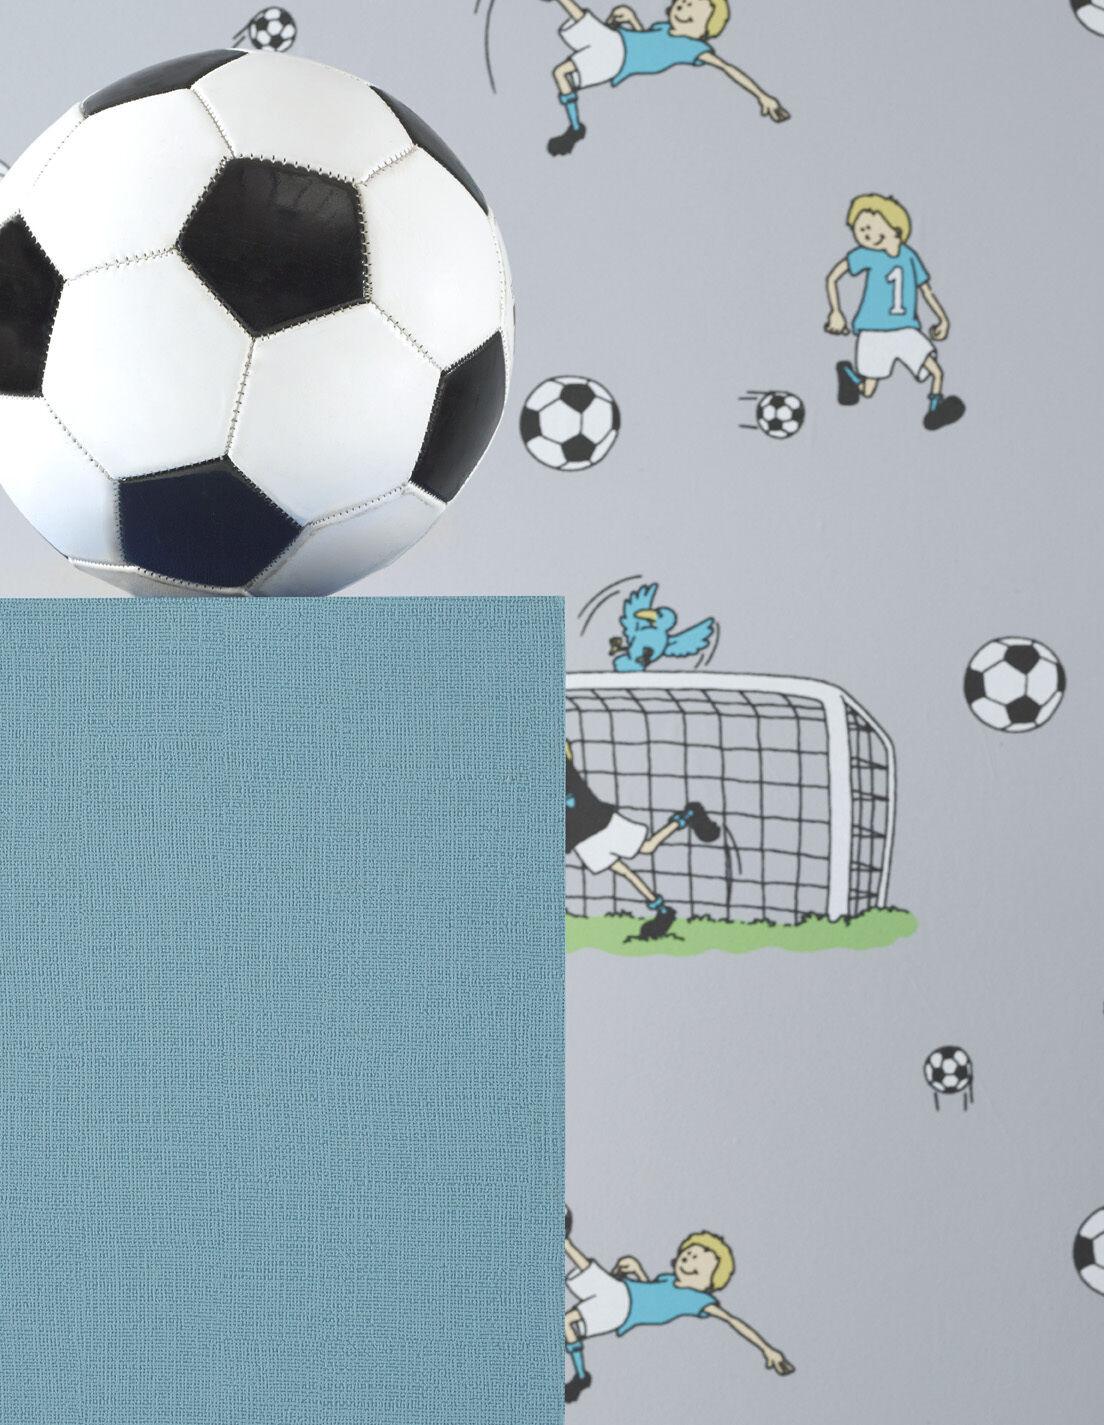 Vlies Tapete Fussball Kinder Jungen Zimmer Fussball Tapete Grau